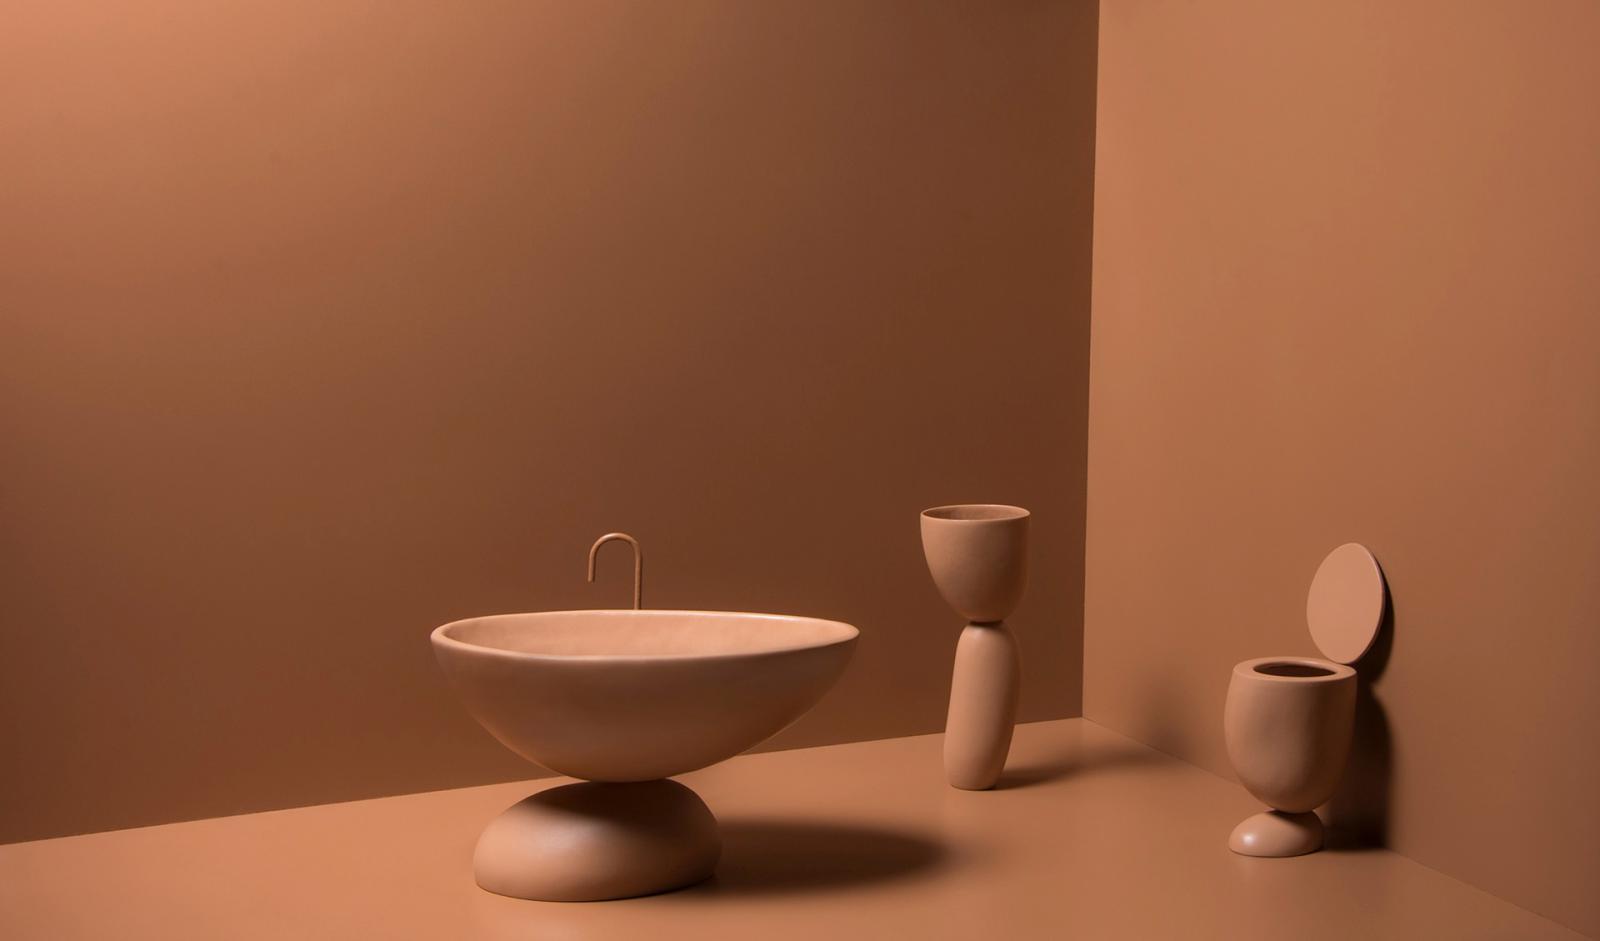 Лига Булмисте: новый взгляд на мебель для ванных комнат